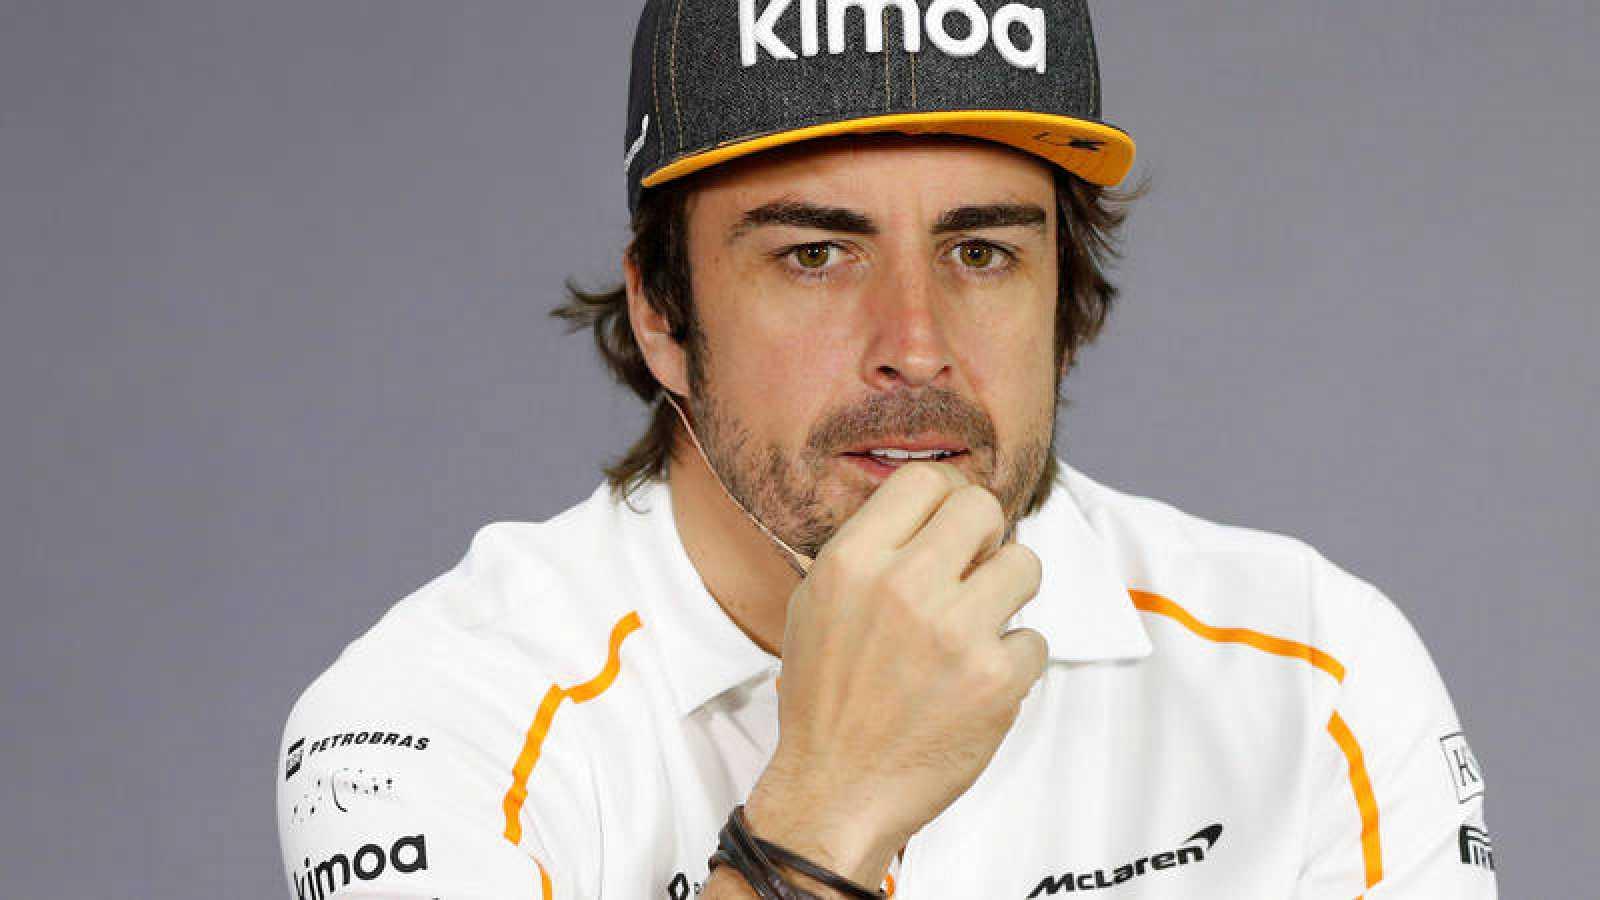 Fernando Alonso anuncia su retirada de la Fórmula 1